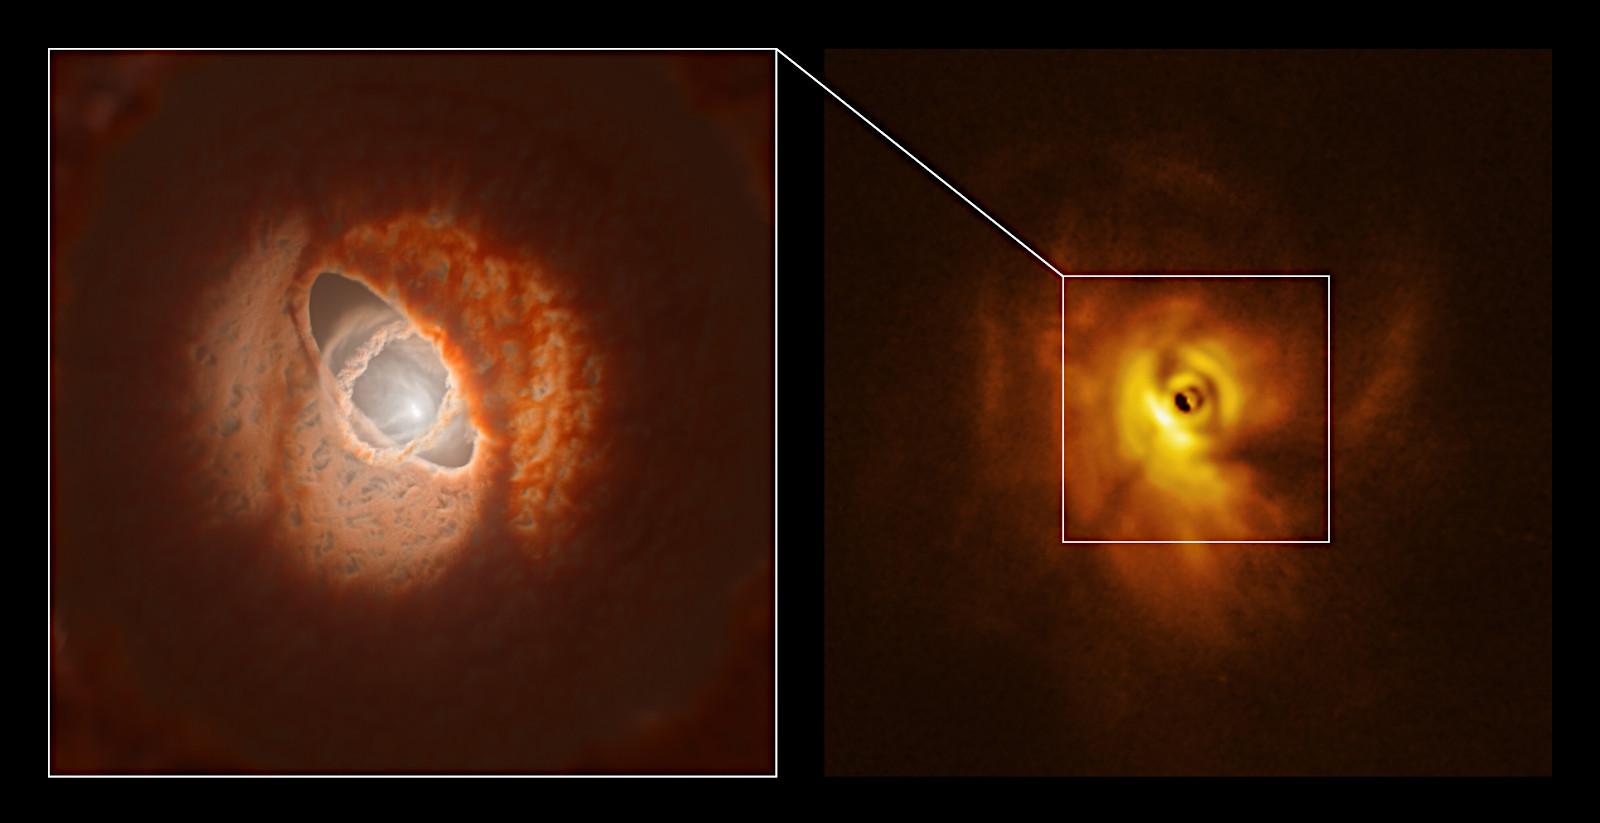 中心の3連星がまわりの原始惑星系円盤を引き裂いた! | アストロピクス